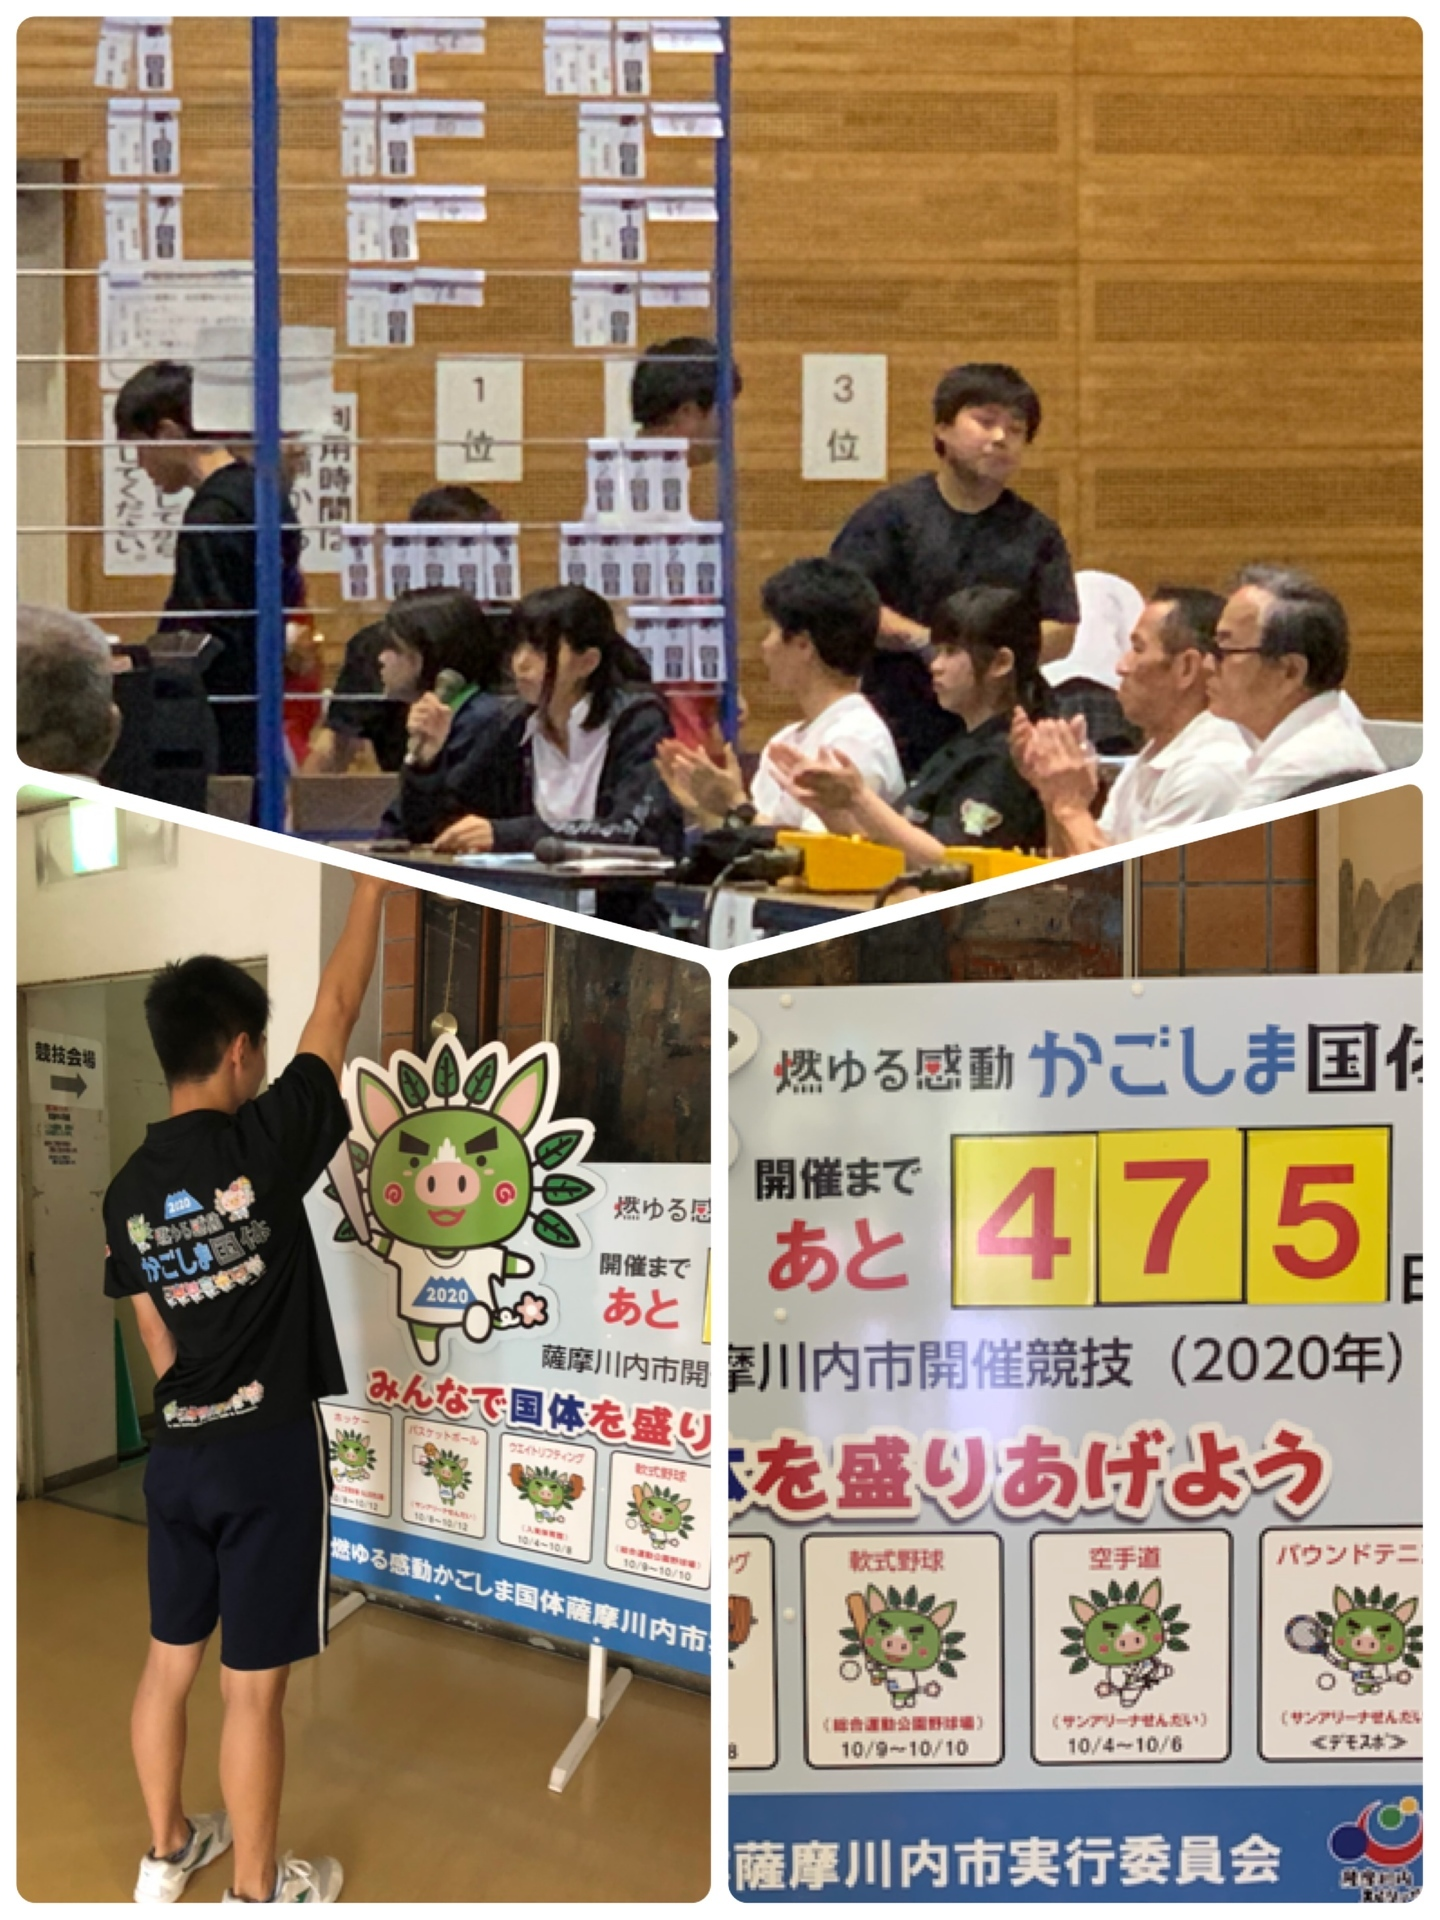 【ウエイトリフティング】九州大会その2